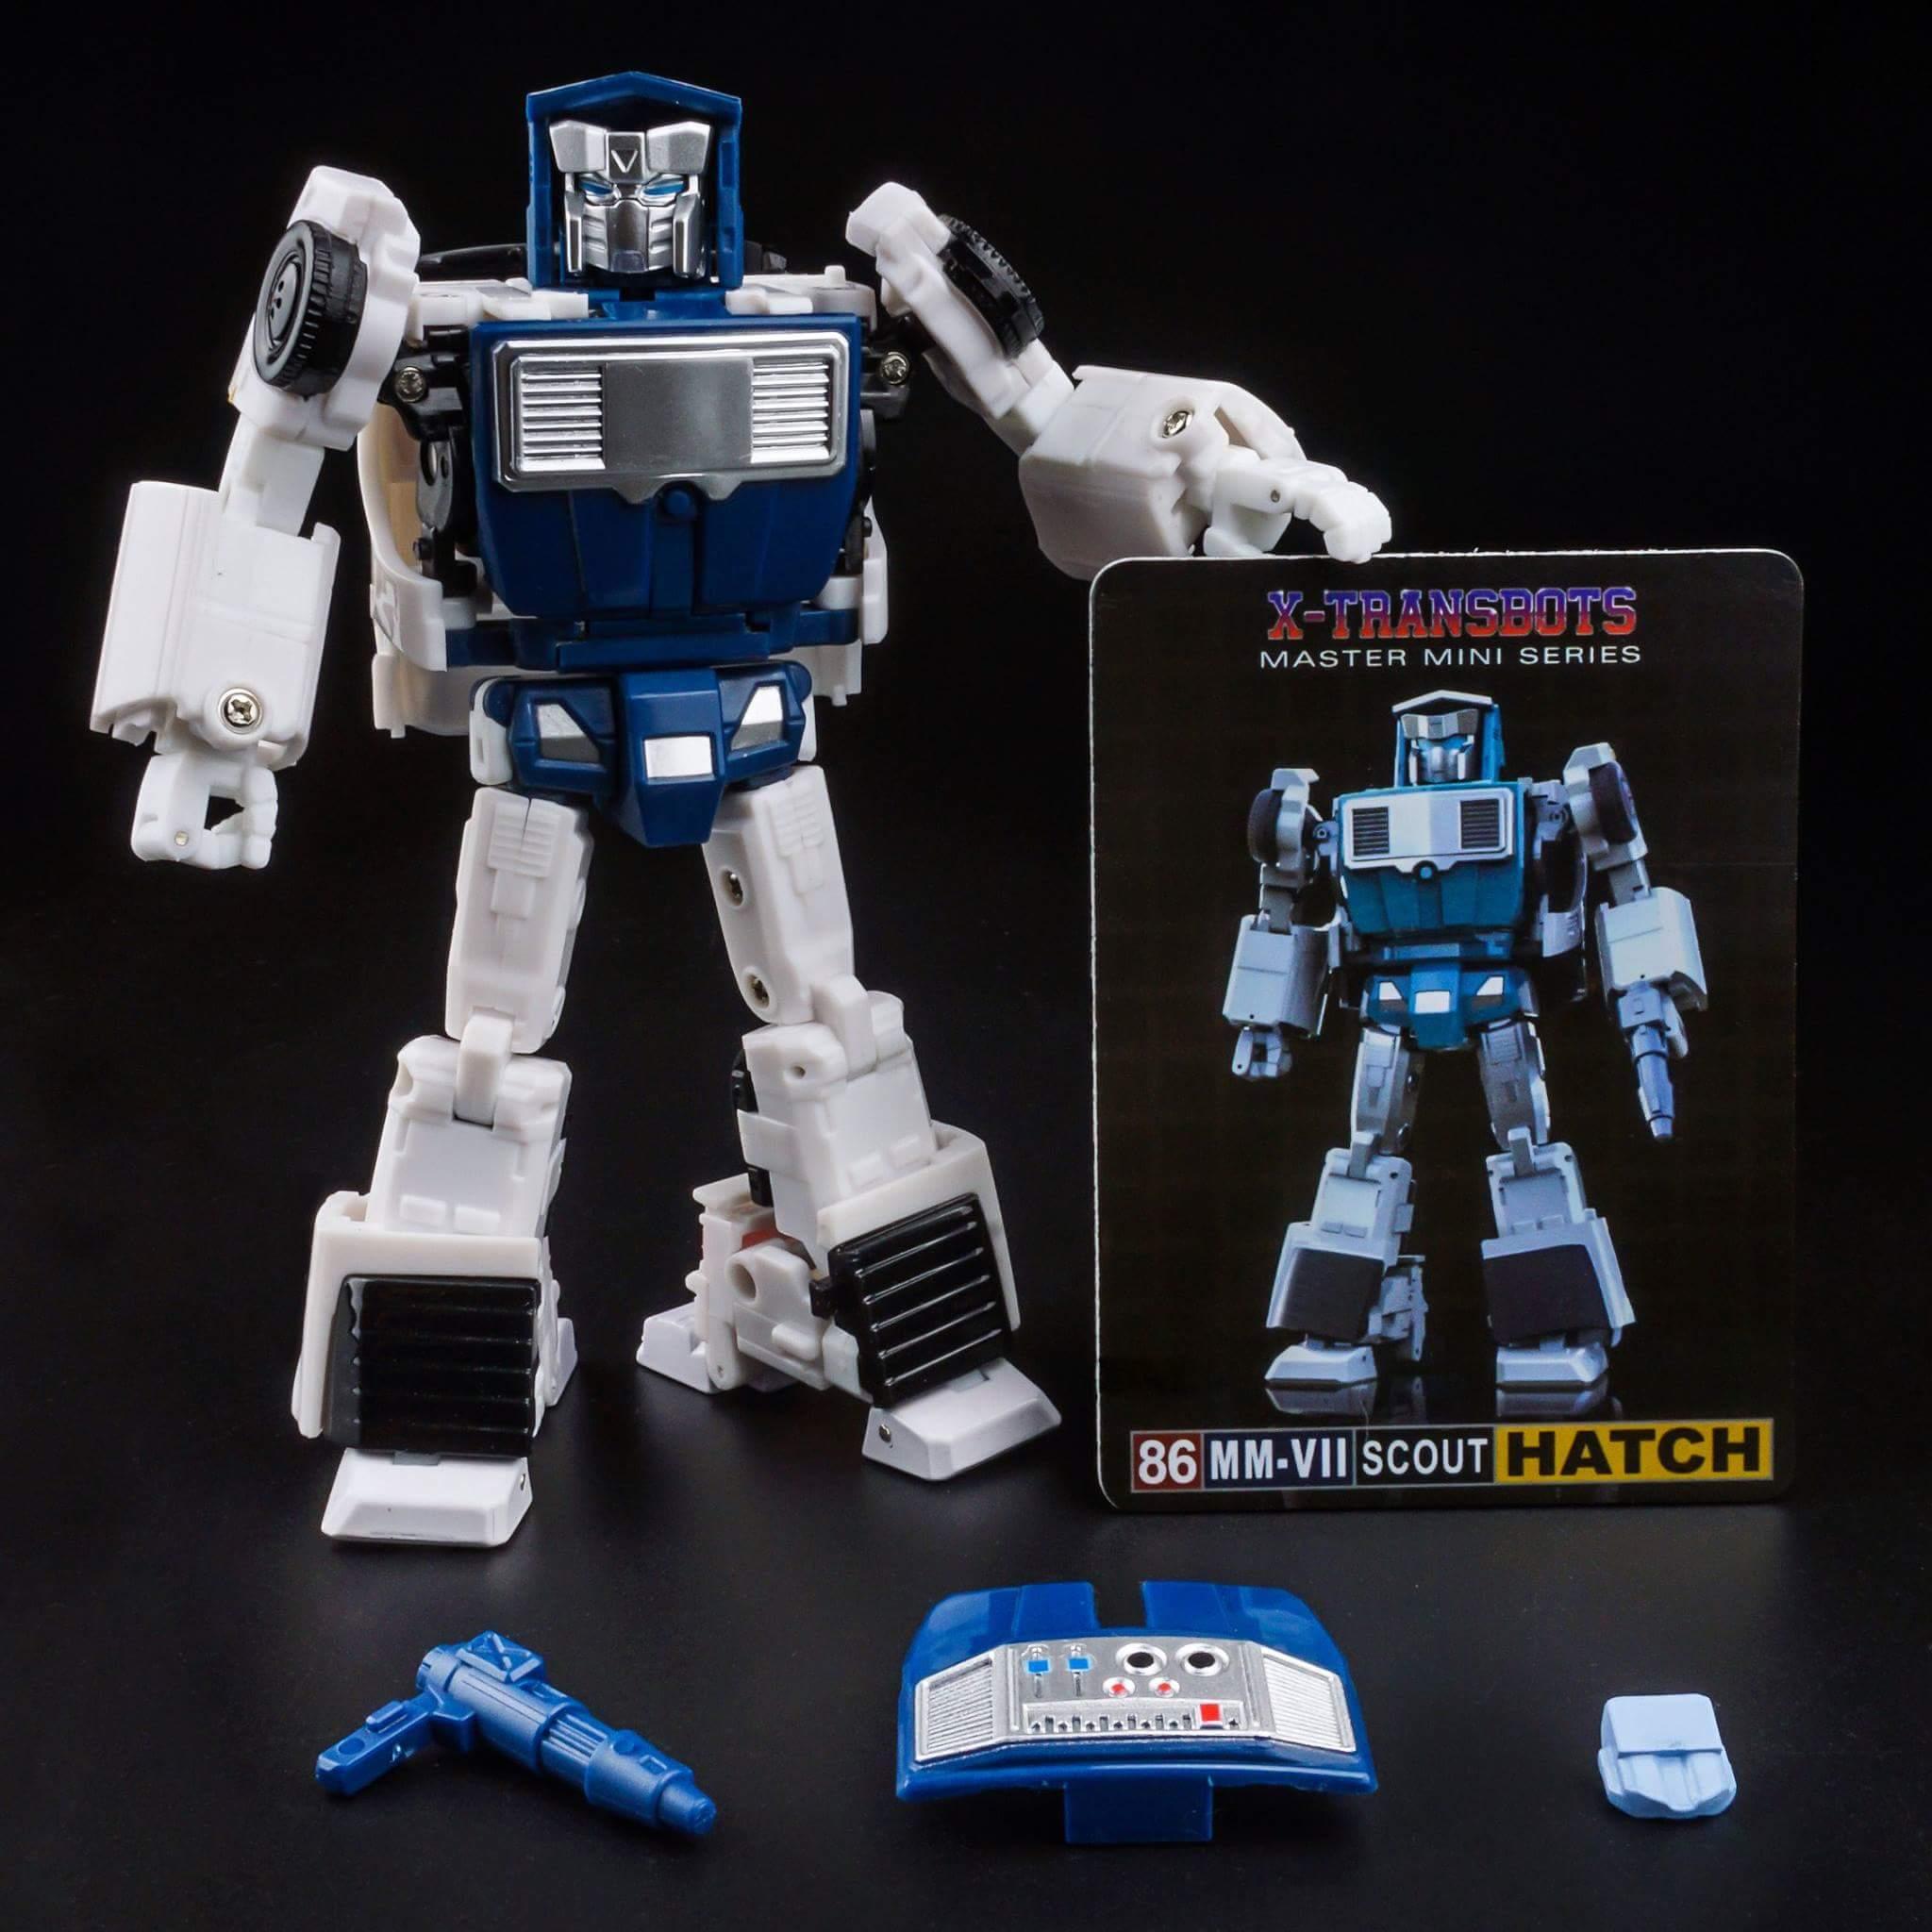 [X-Transbots] Produit Tiers - Minibots MP - Gamme MM - Page 5 LpP0Ru8L